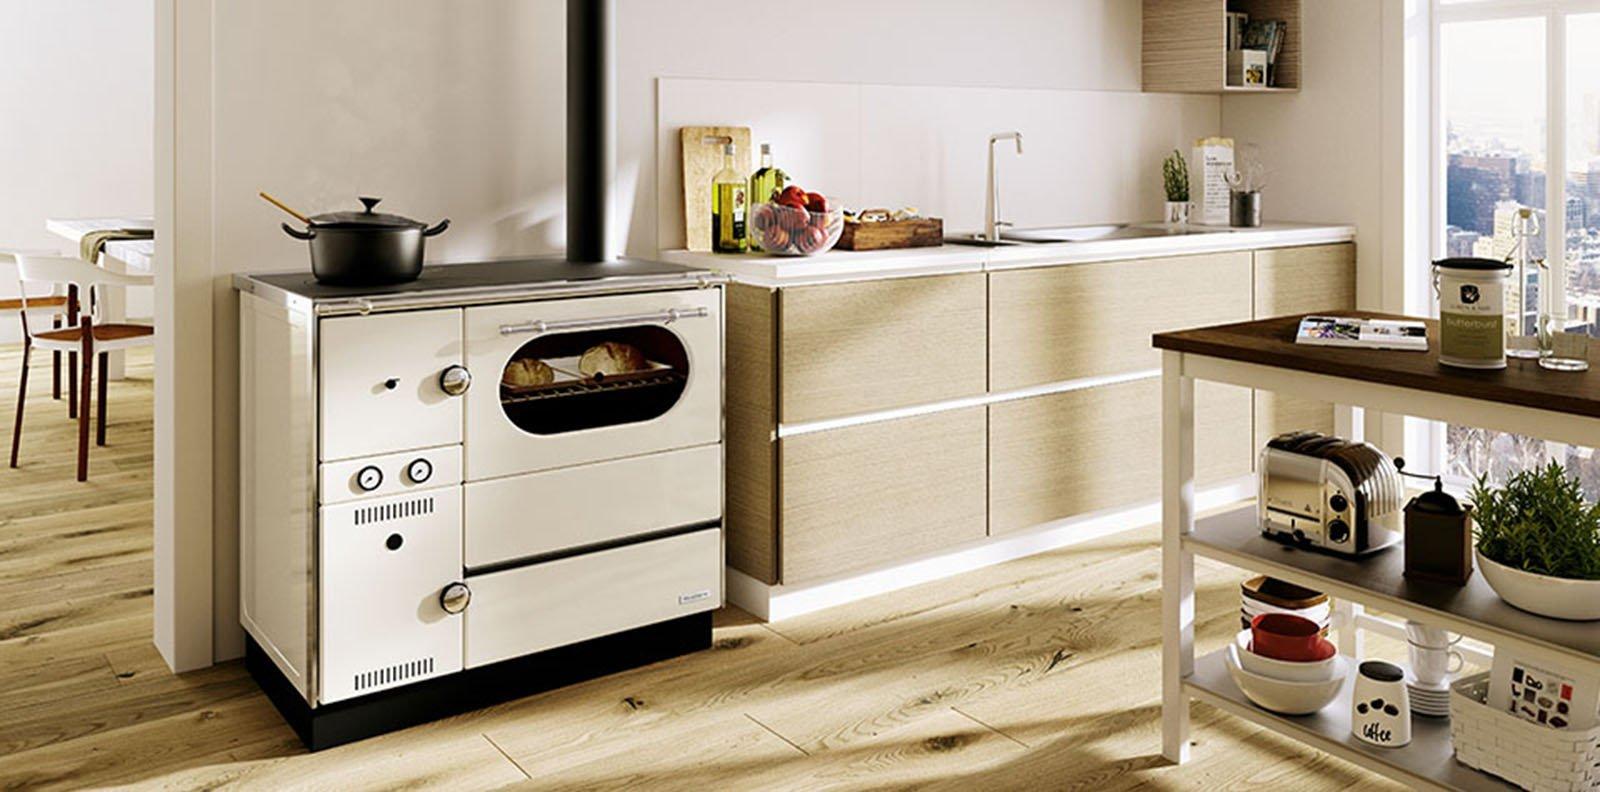 La cucina di una volta per cuocere e riscaldare come con - Cucina a induzione prezzi ...